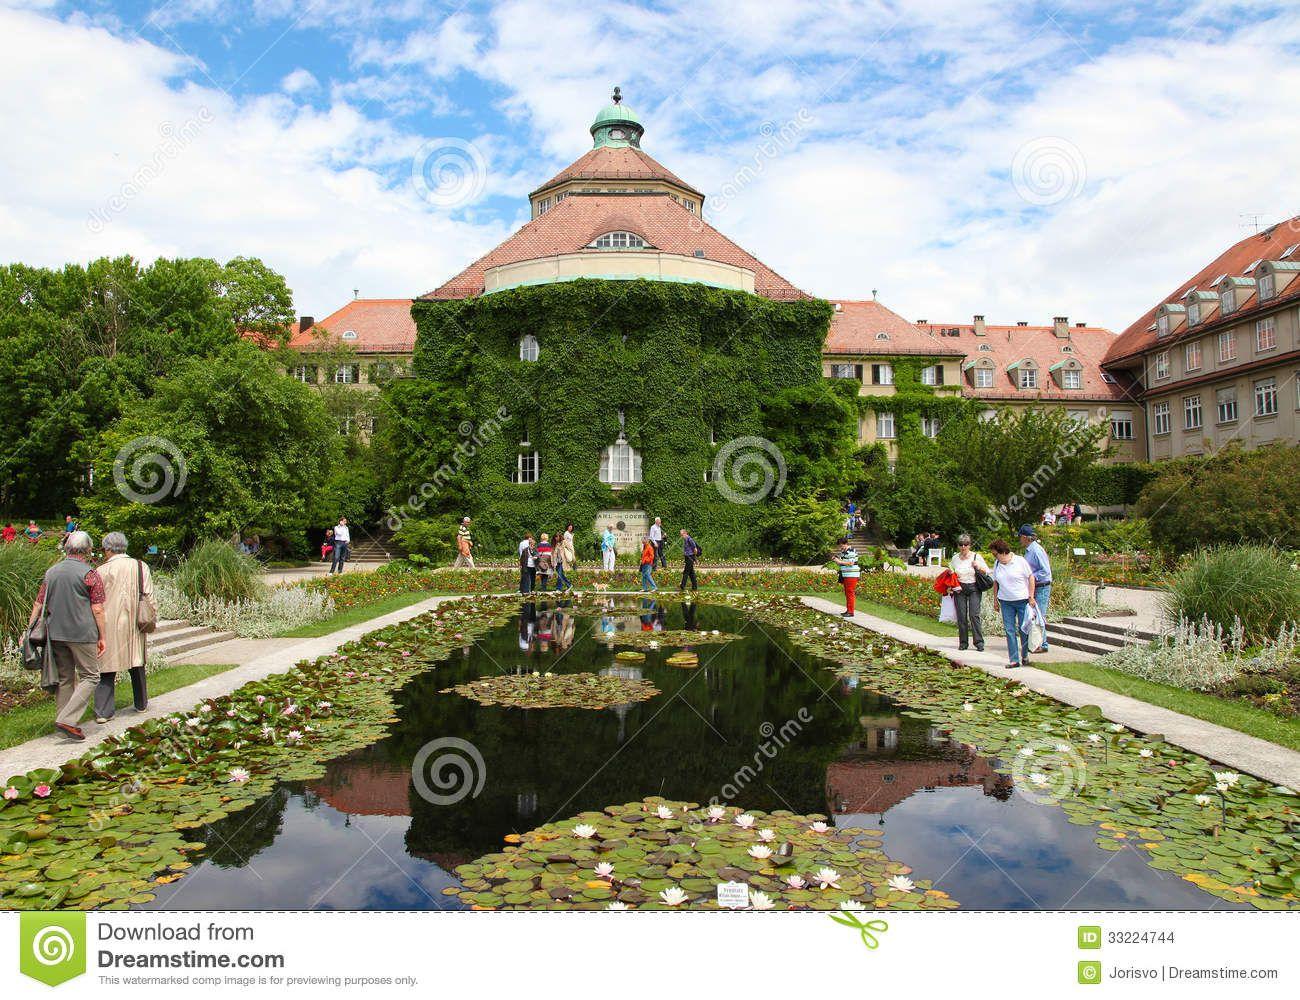 Munich Botaniacal Garden in Nymphenburg